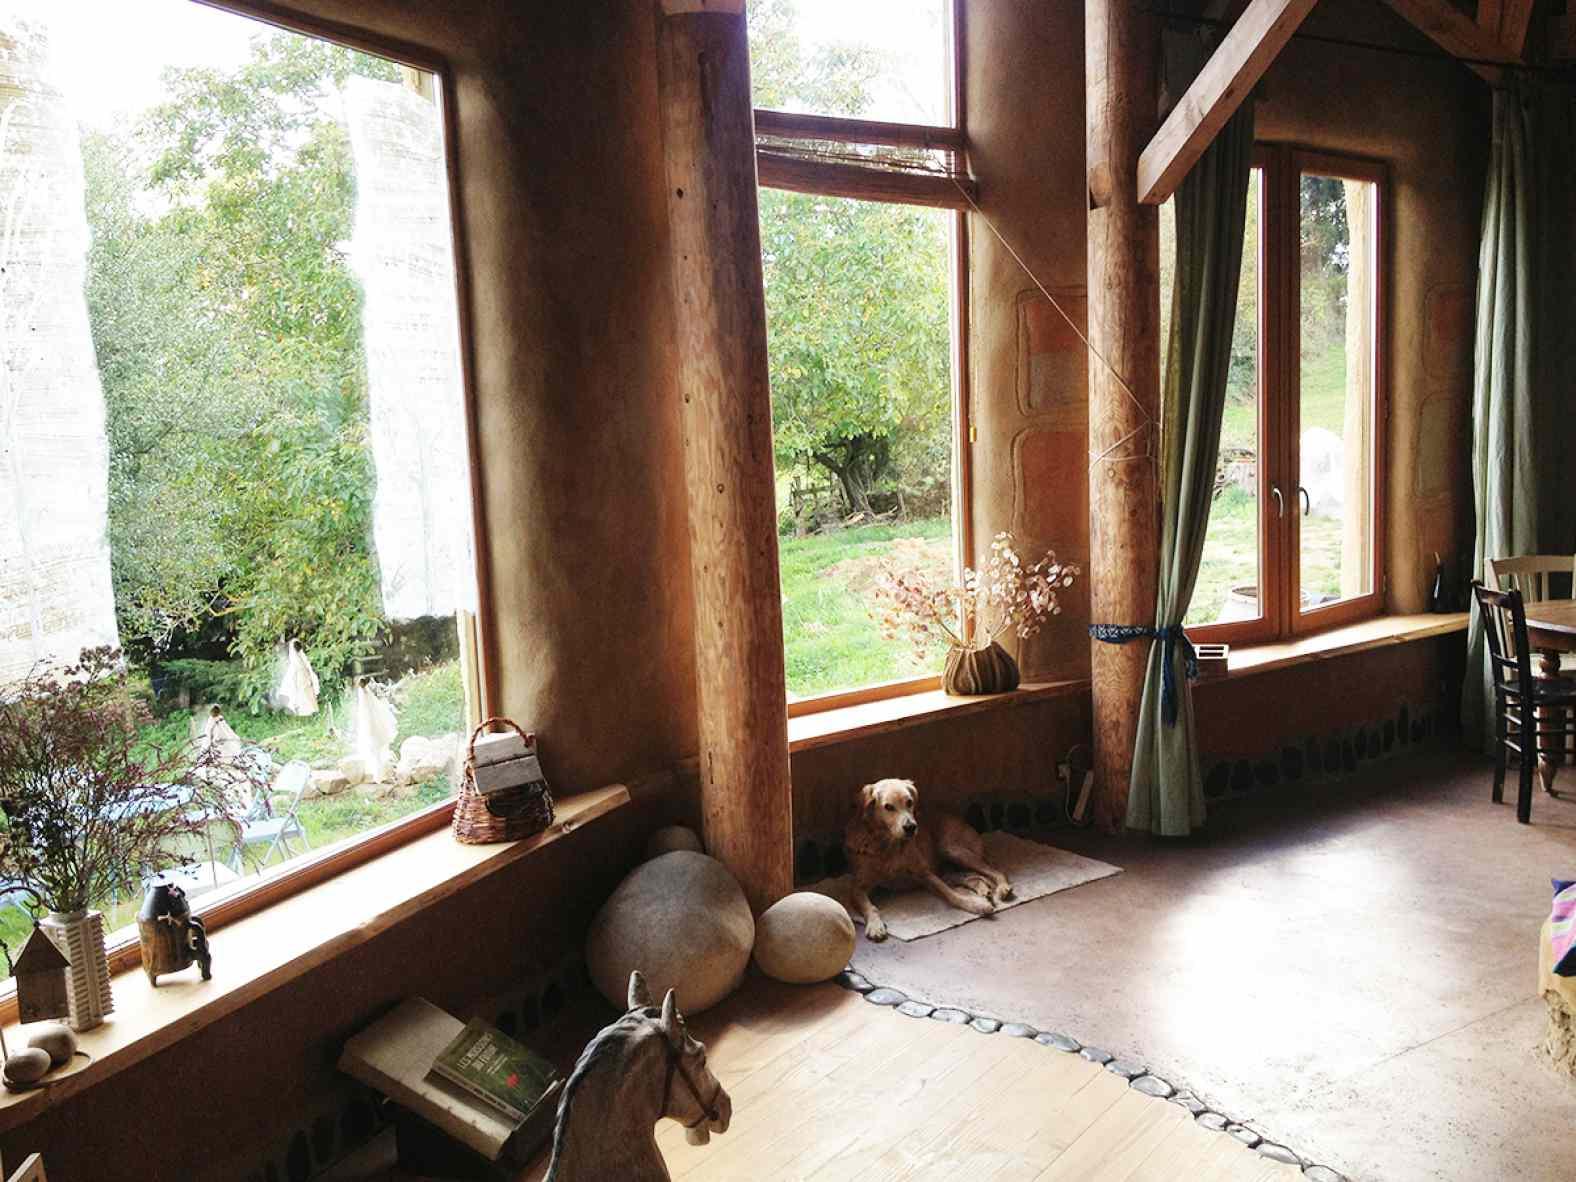 Maison en poteaux-poutres et bottes de paille à Blassac